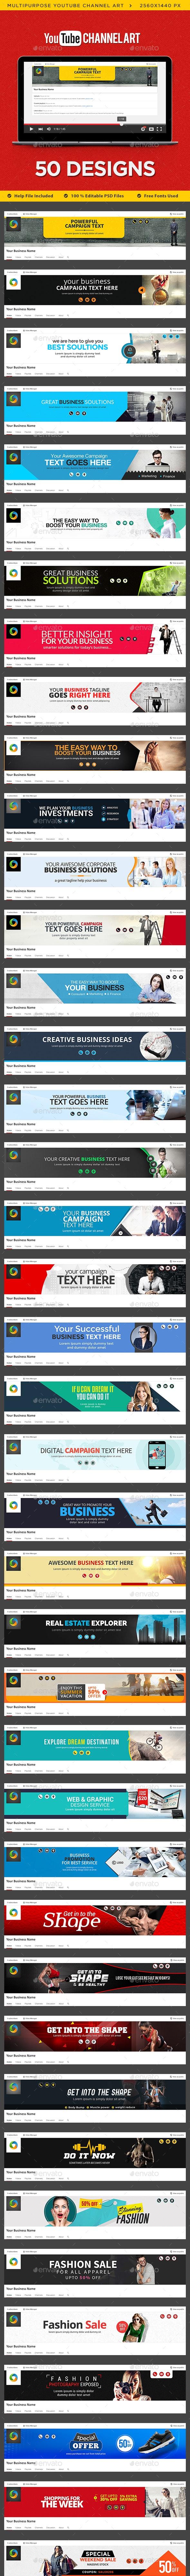 Multipurpose Youtube Channel Art - 50 Designs - YouTube Social Media